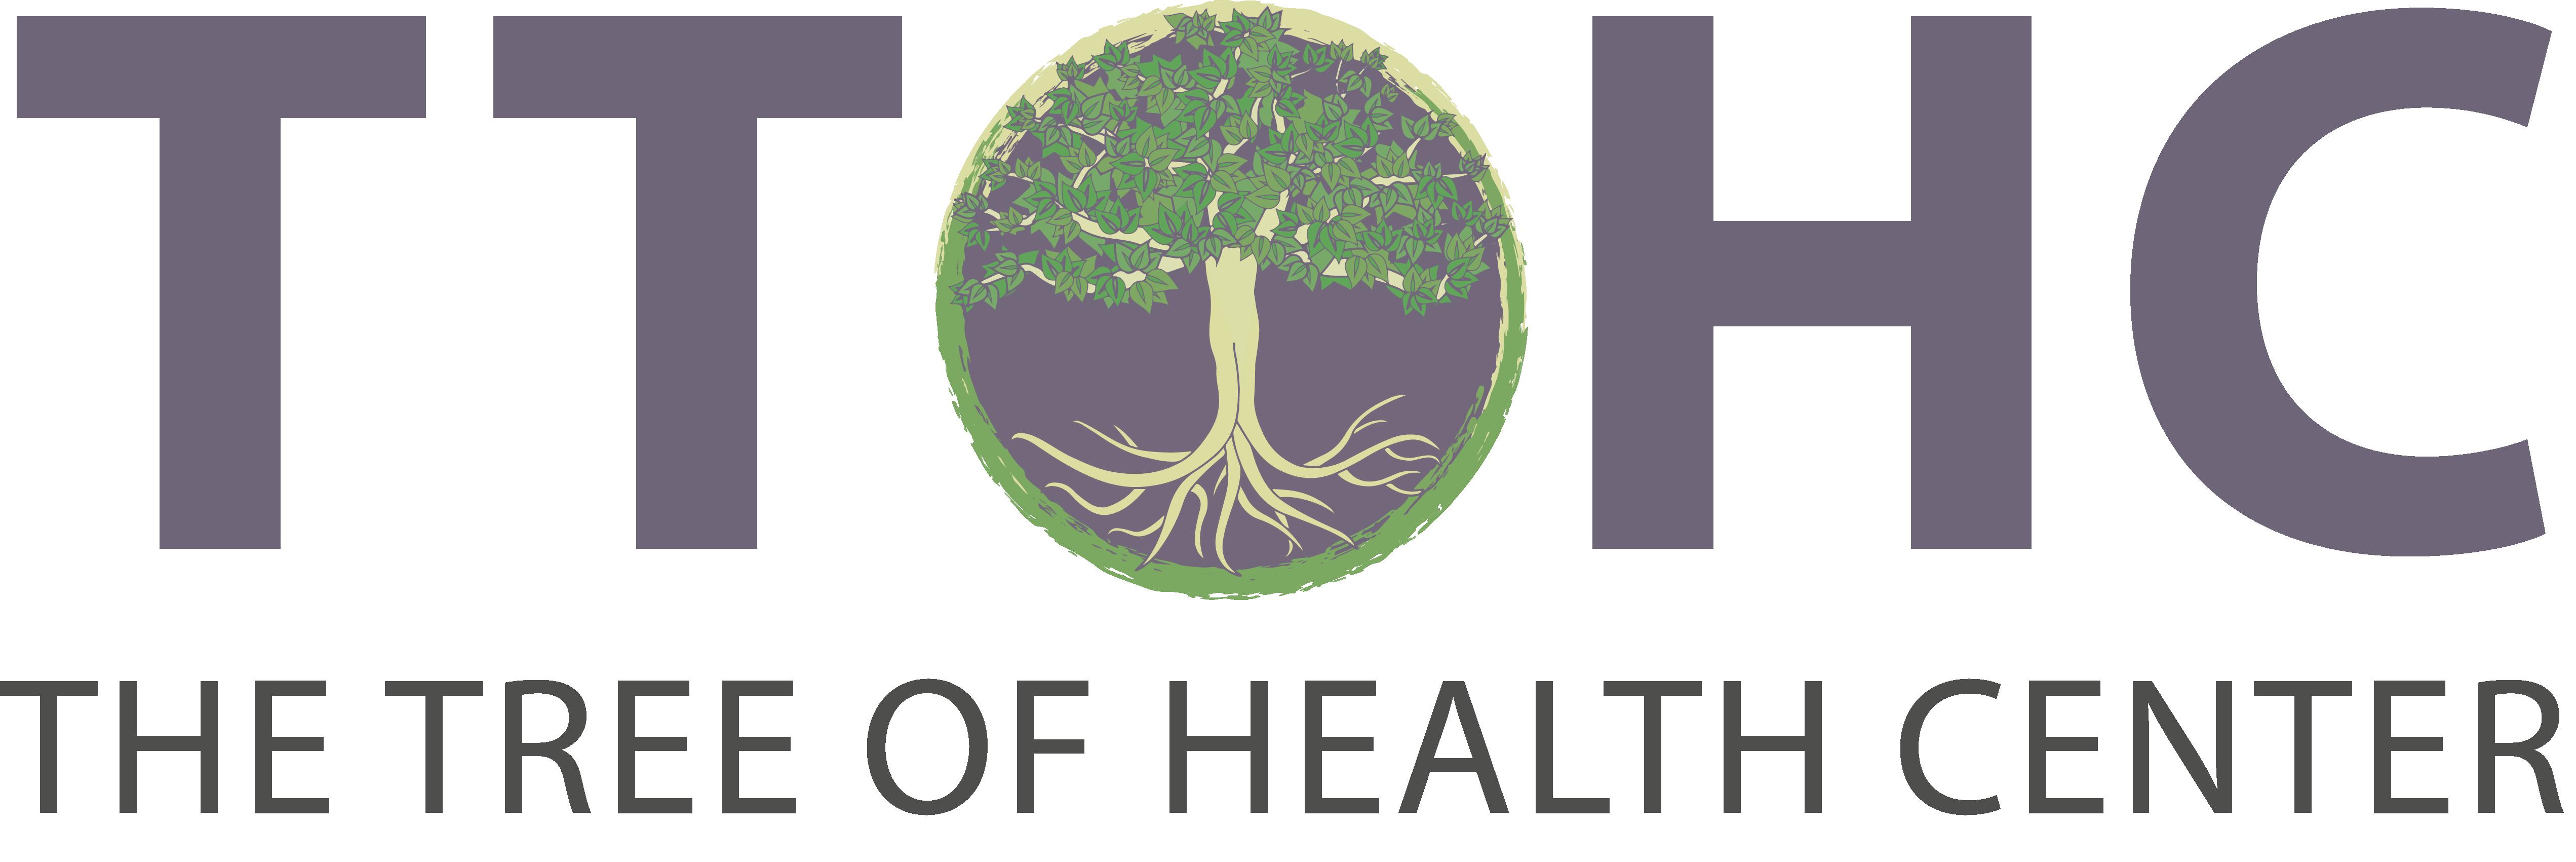 The Tree of Health Center's Logo